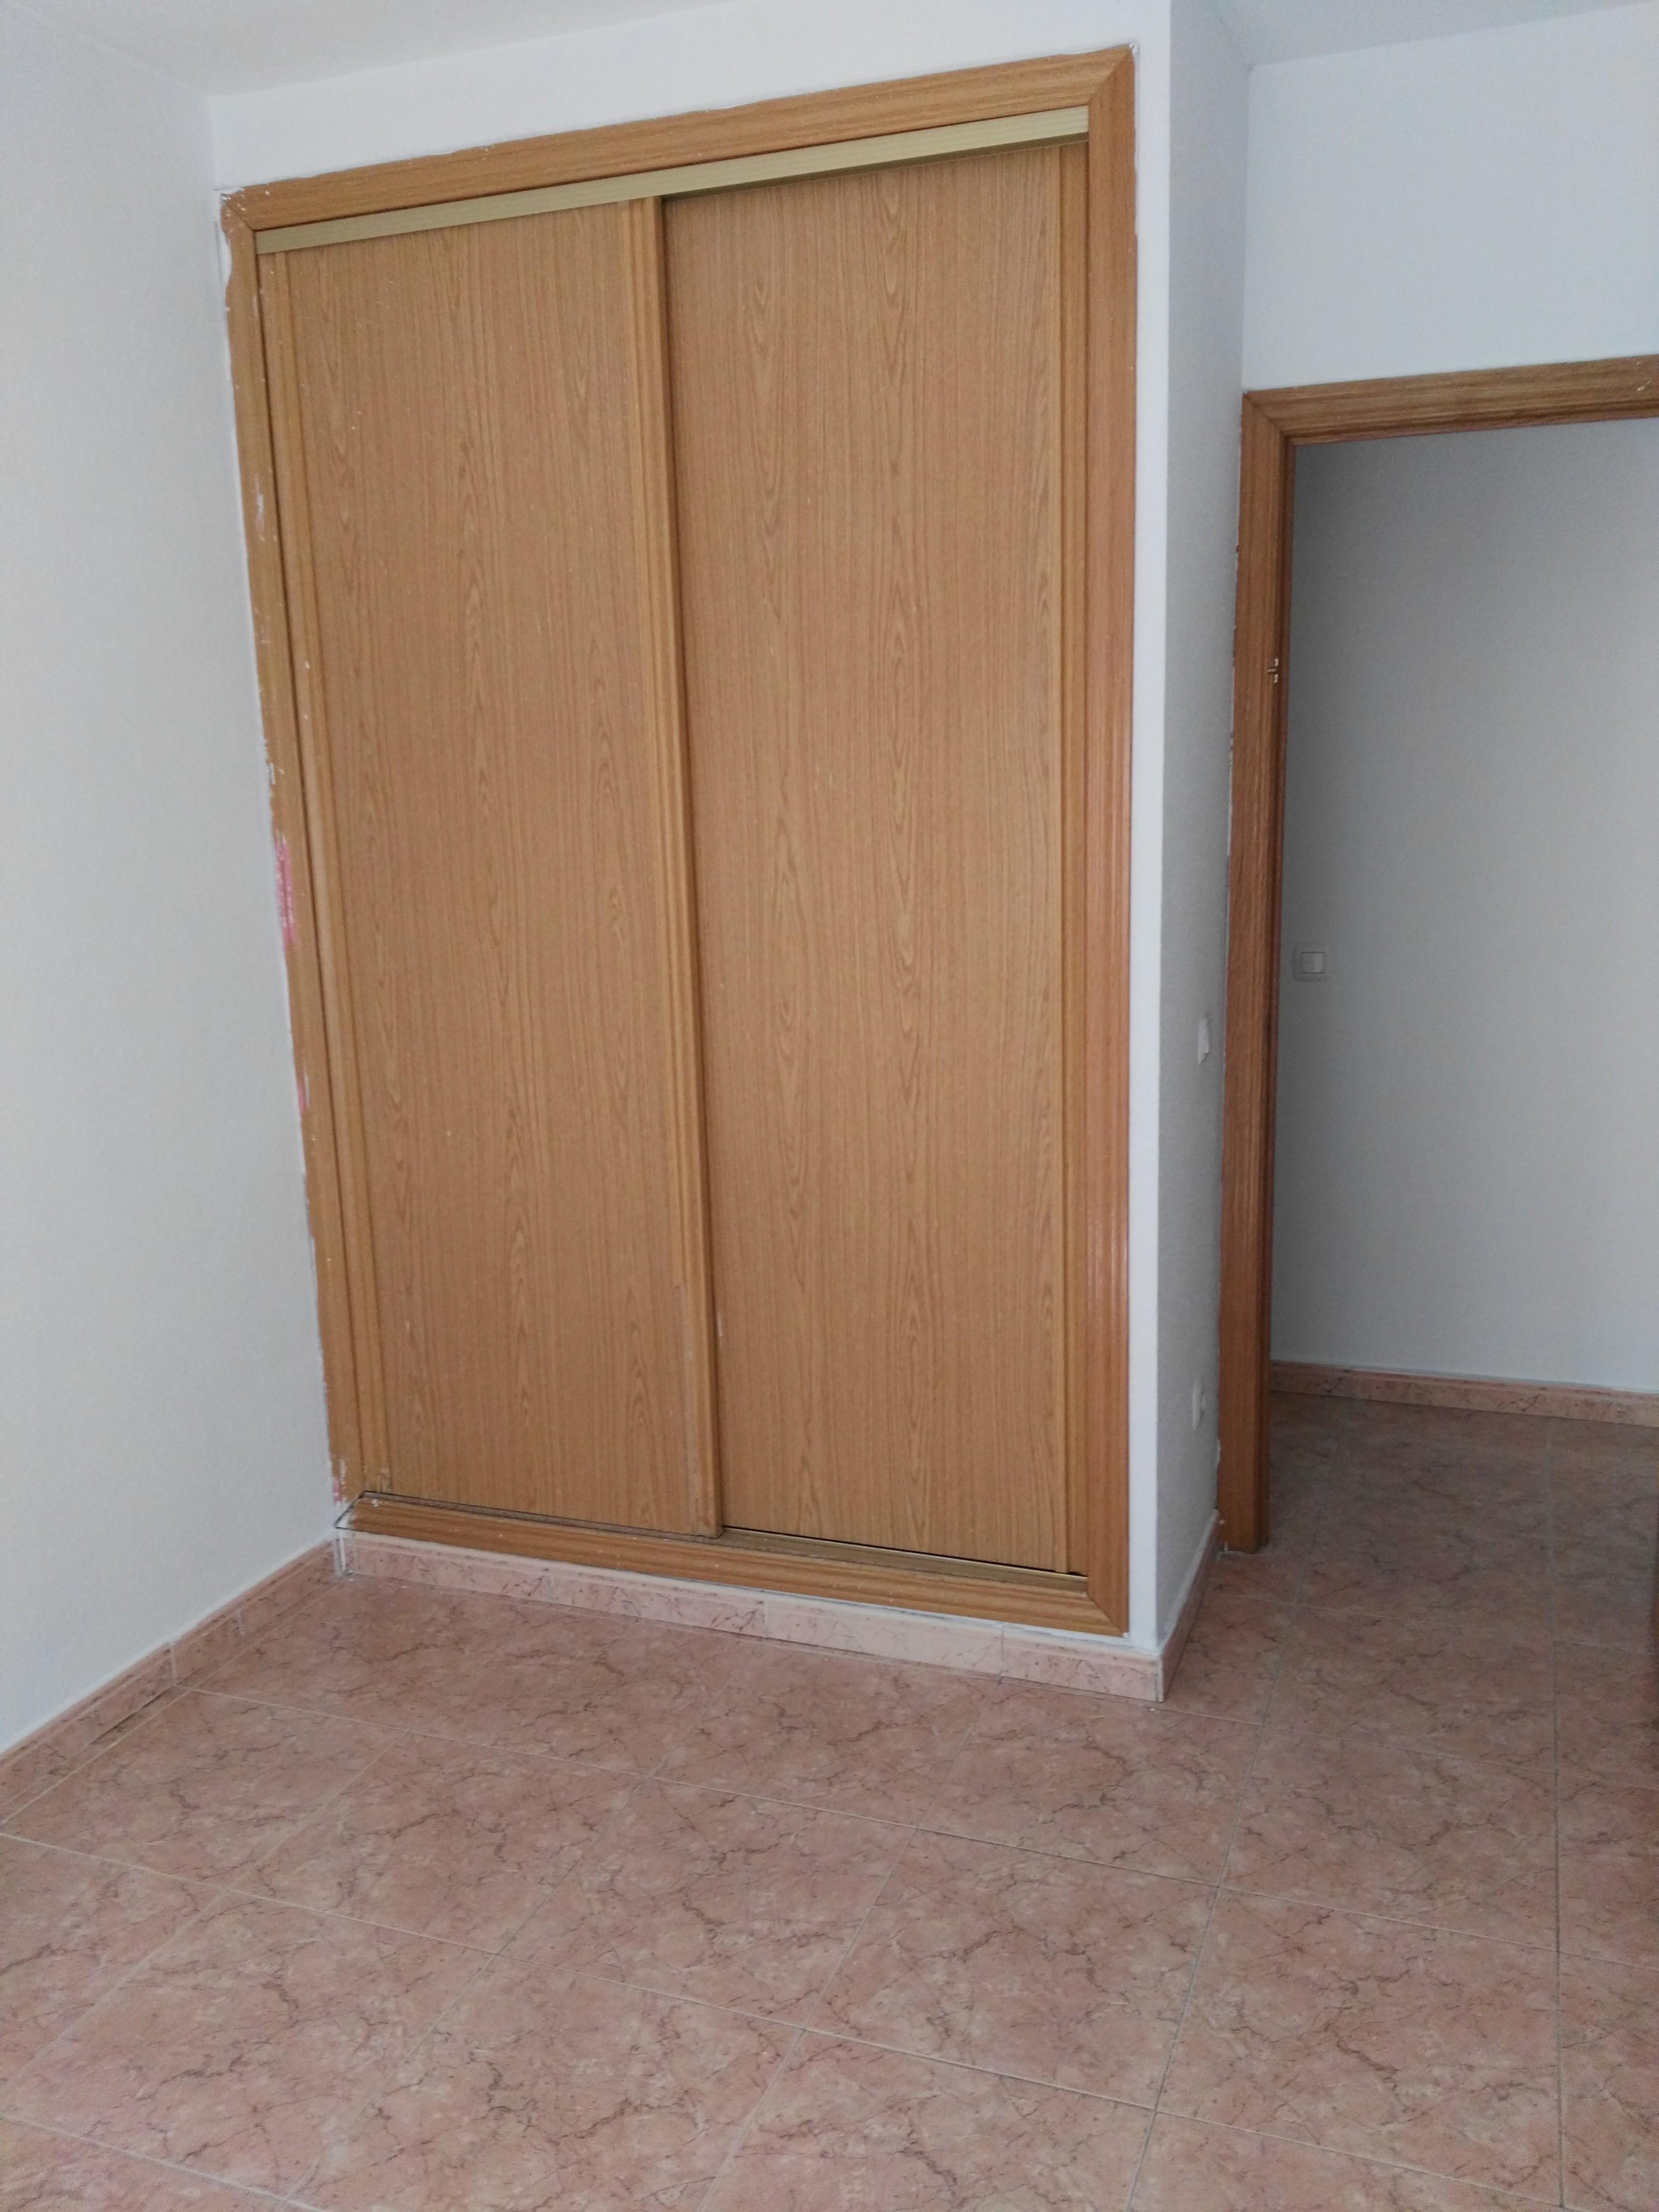 Piso en venta en Valdemoro, Madrid, Calle Castilla la Mancha, 169.000 €, 3 habitaciones, 2 baños, 107 m2